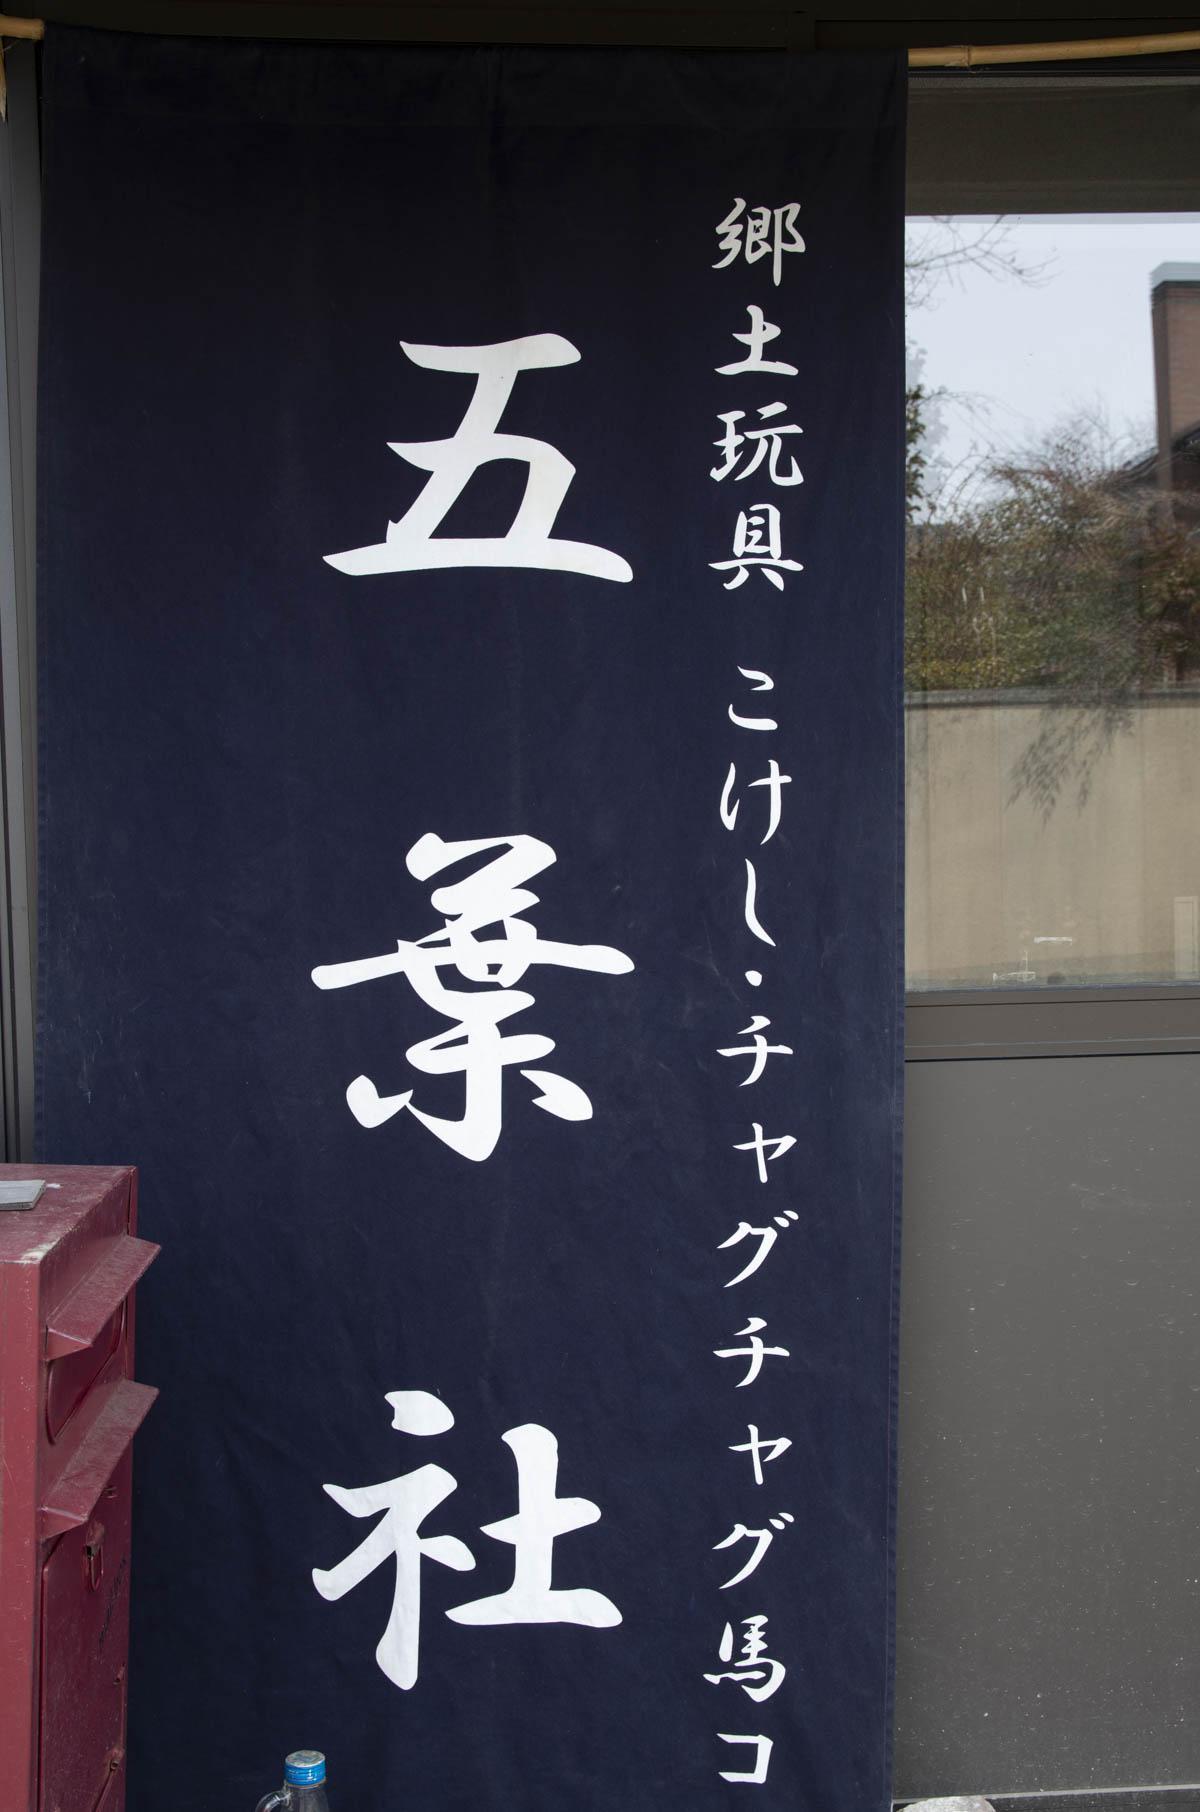 五葉社の暖簾(のれん)の写真